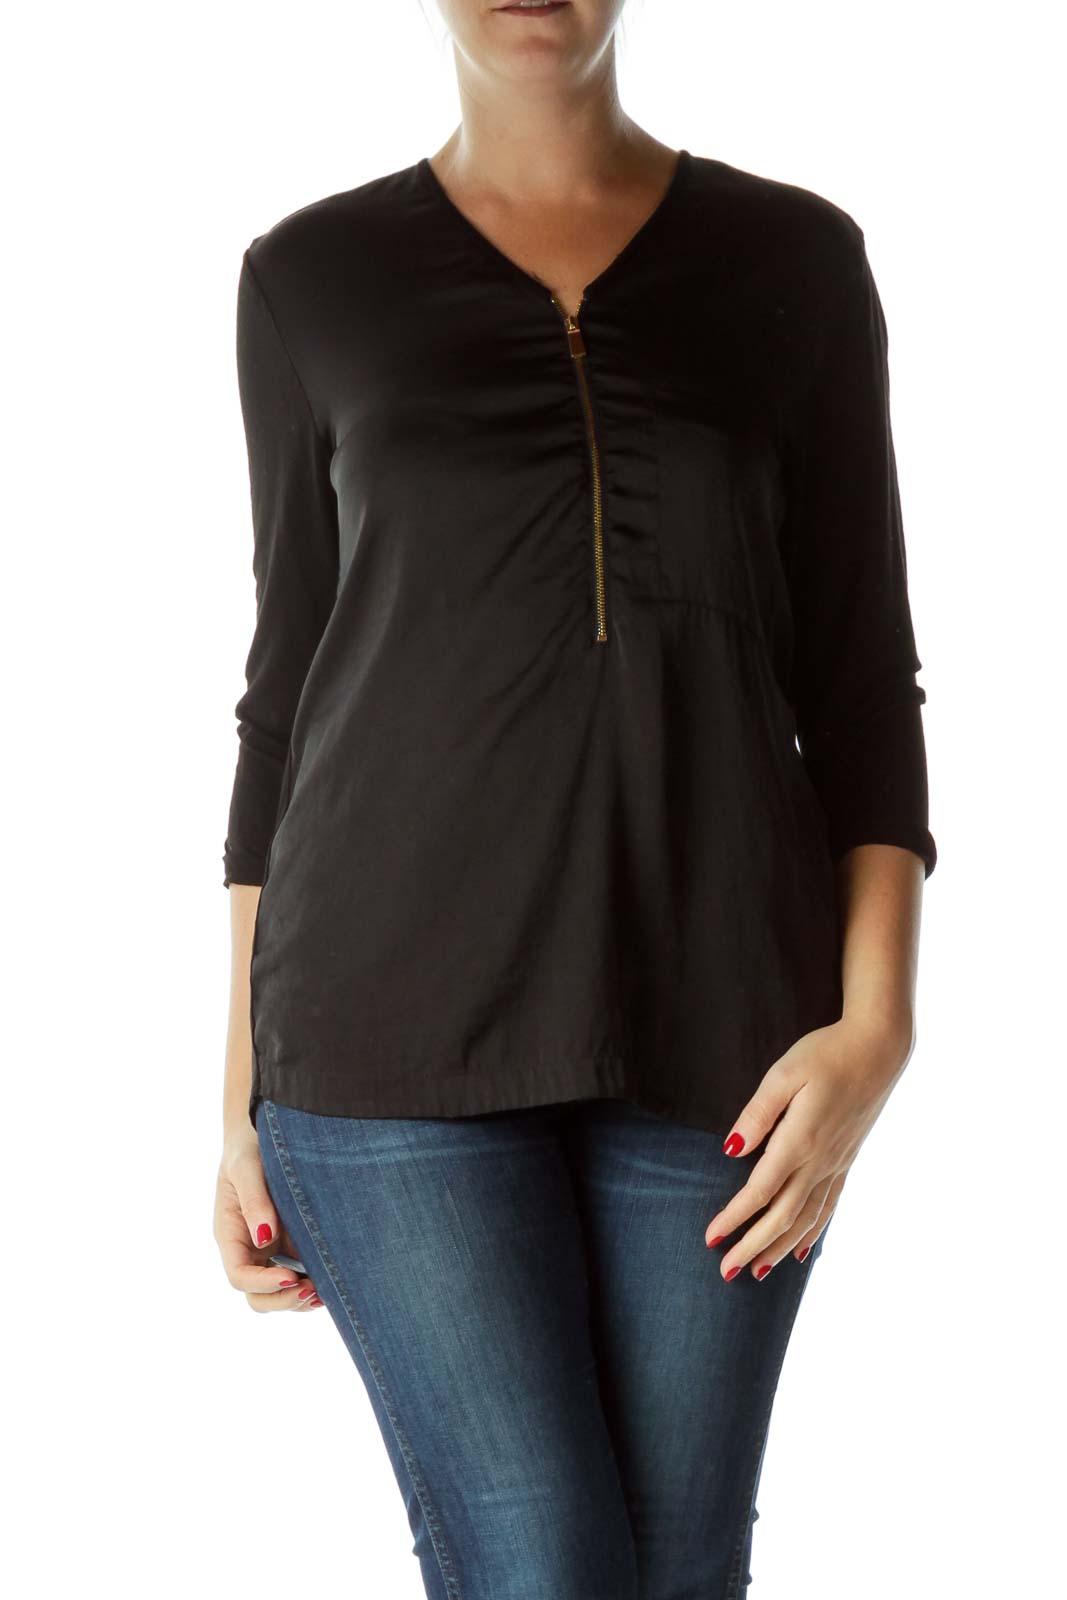 Black Zippered 3/4 Sleeve V-Neck Blouse